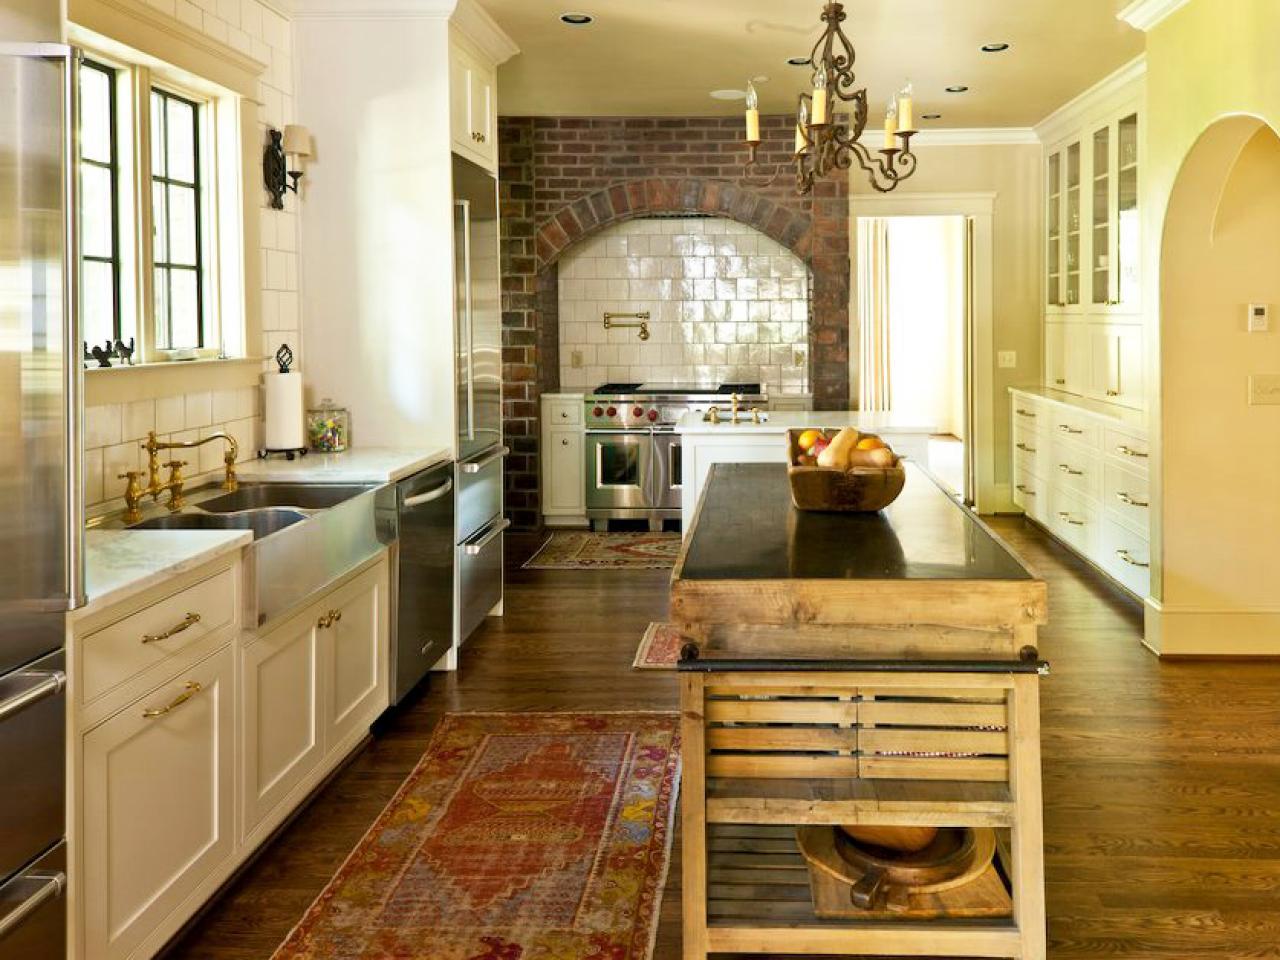 Wohnideen Küche Selber Machen wohnideen küche selber machen fur